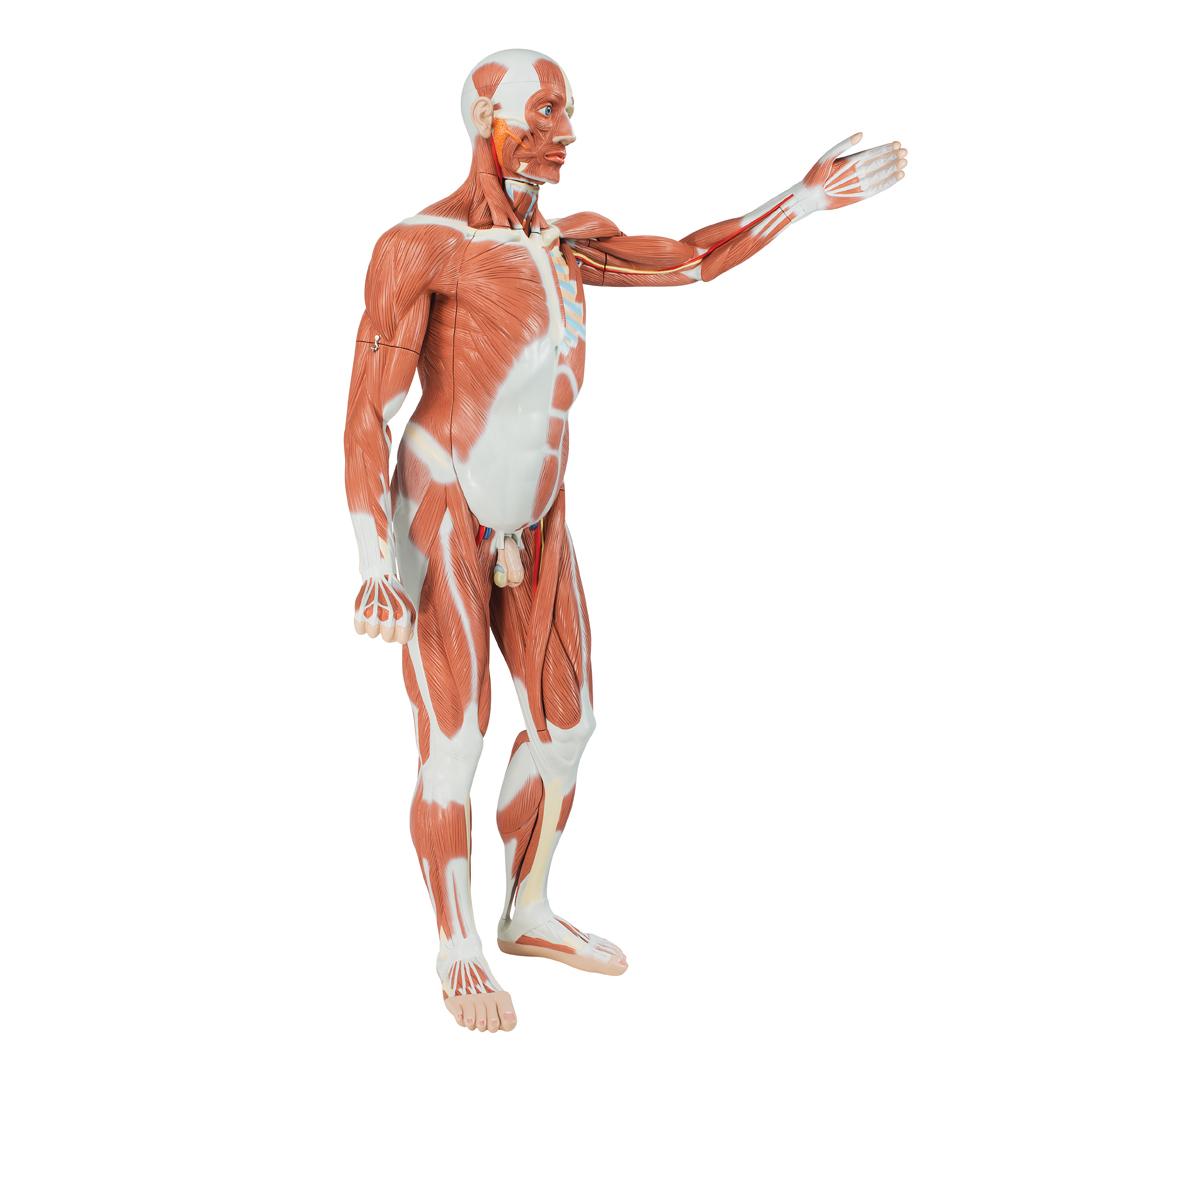 Lebensgroße männliche Muskelfigur, 37-teilig - 1001235 - 3B ...